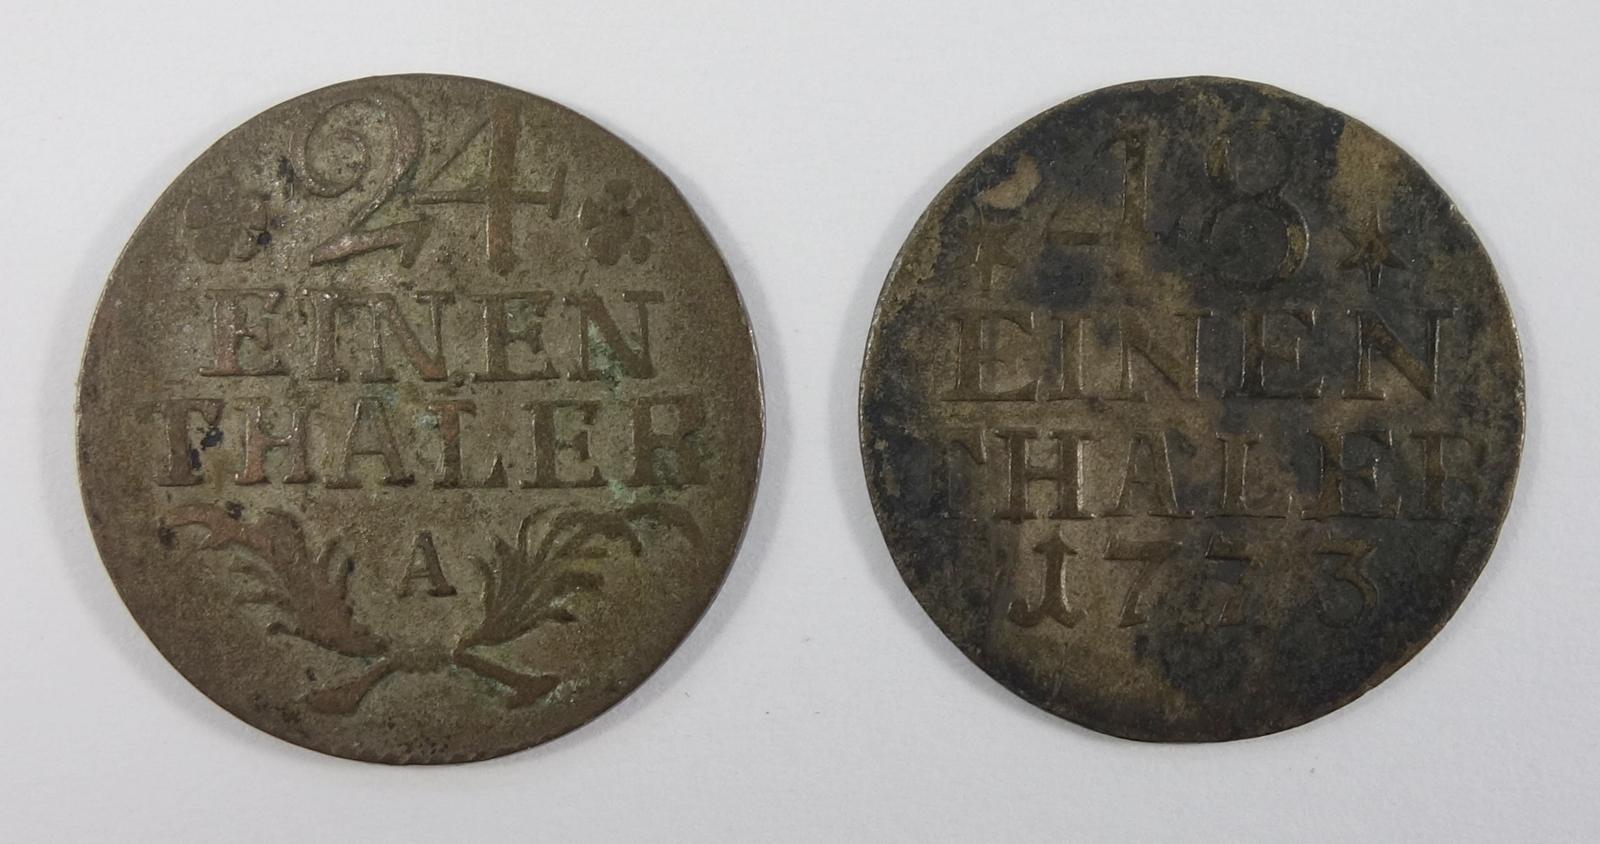 1/24 Taler 1782 A und 1/48 Taler 1773, Brandenburg-Preußen, Friedrich II., s-ss1/24 Thaler 1782 A - Bild 2 aus 2